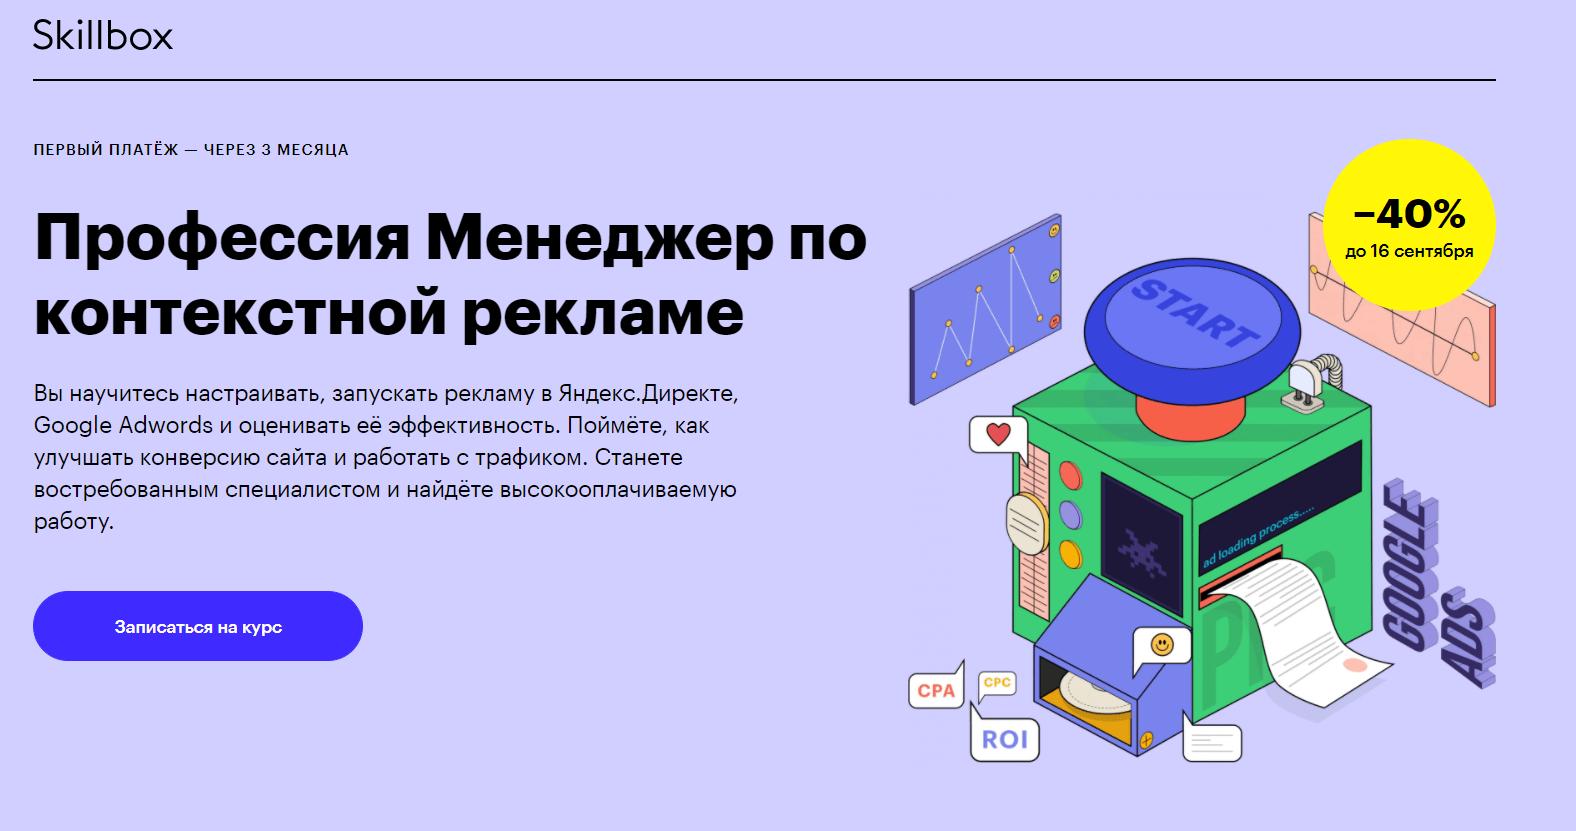 Профессия Менеджер по контекстной рекламе от Скиллбокс